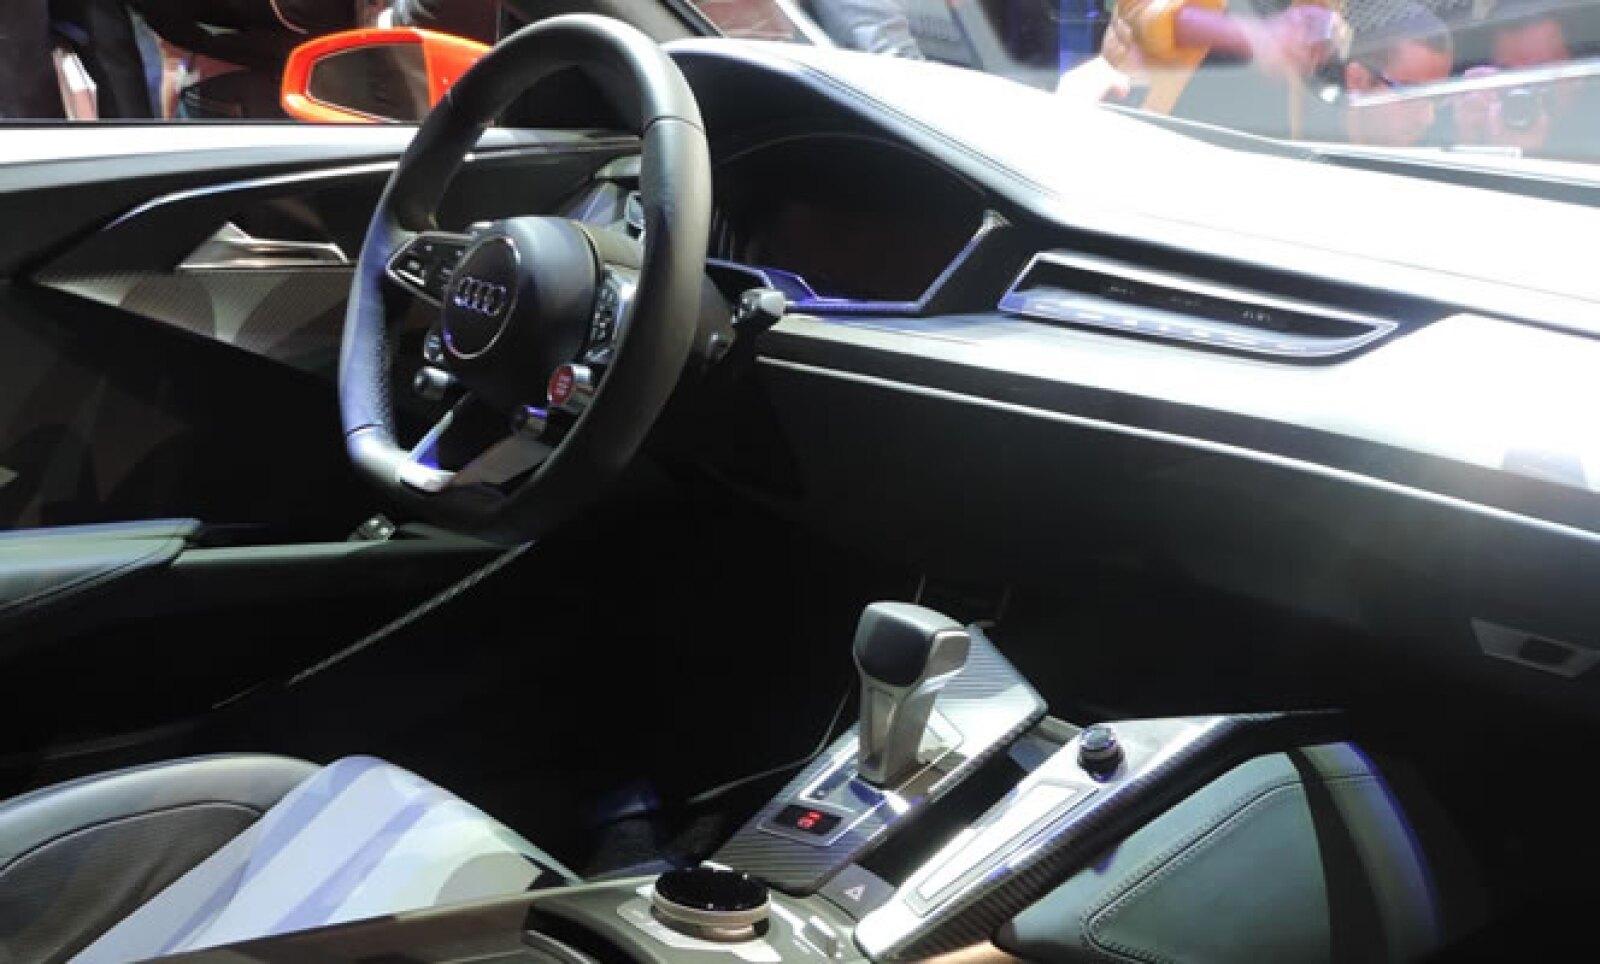 Además de la  capacidad electrónica, el nuevo Audi destaca por su carrocería, de más de 1,800 kilos, que está compuesta por aluminio y plástico reforzado con fibra de carbono.